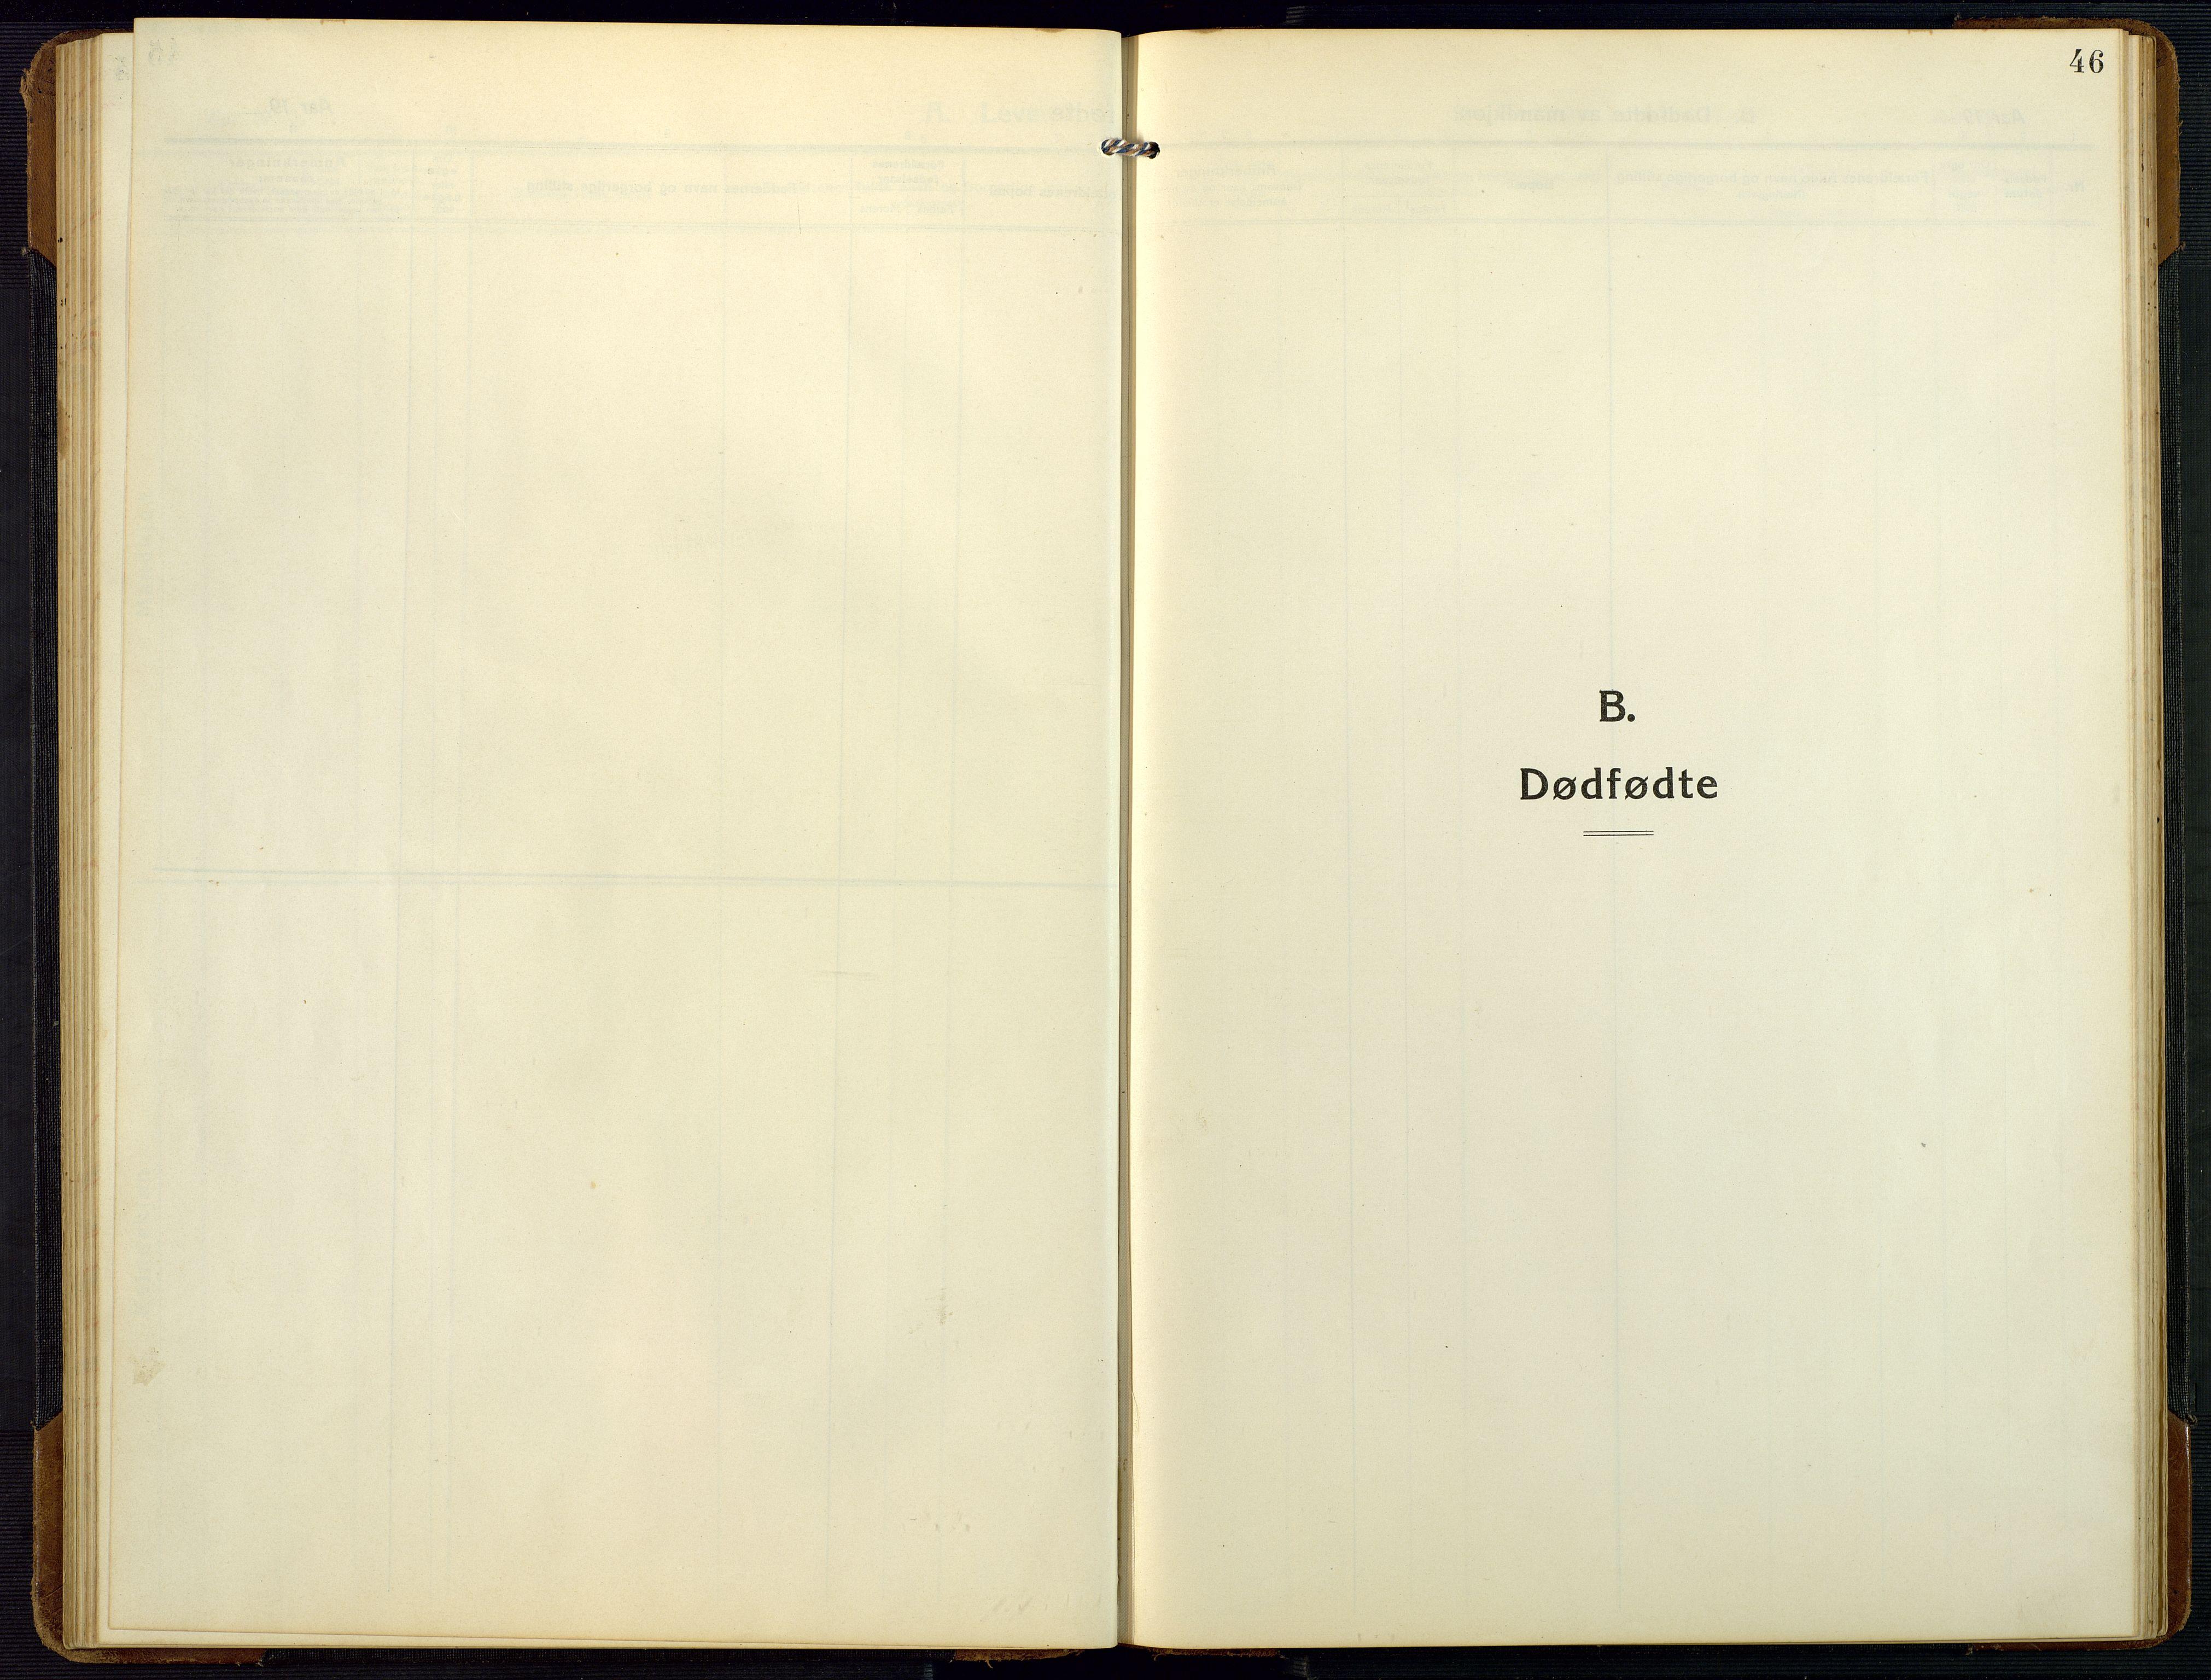 SAK, Bygland sokneprestkontor, F/Fb/Fbc/L0003: Klokkerbok nr. B 3, 1916-1975, s. 46